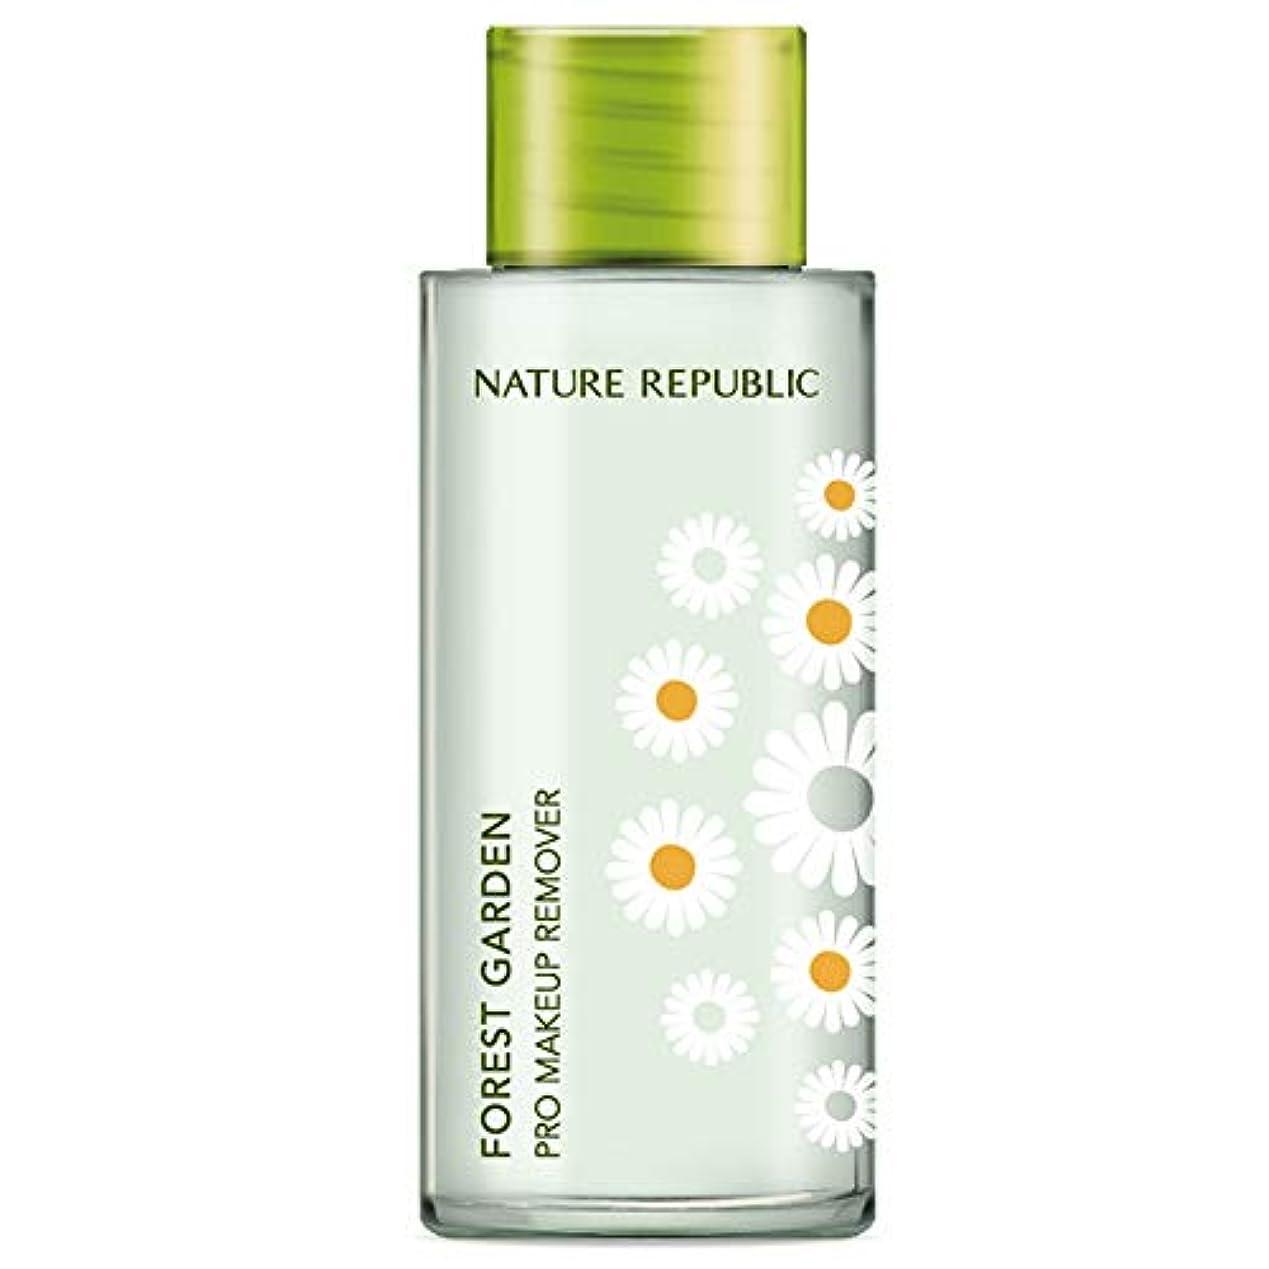 ベスビオ山大宇宙敬意を表するNature Republic Forest Garden Pro Makeup Removerネイチャーリパブリックフォレストガーデンプロメーキャップリムーバー [並行輸入品]